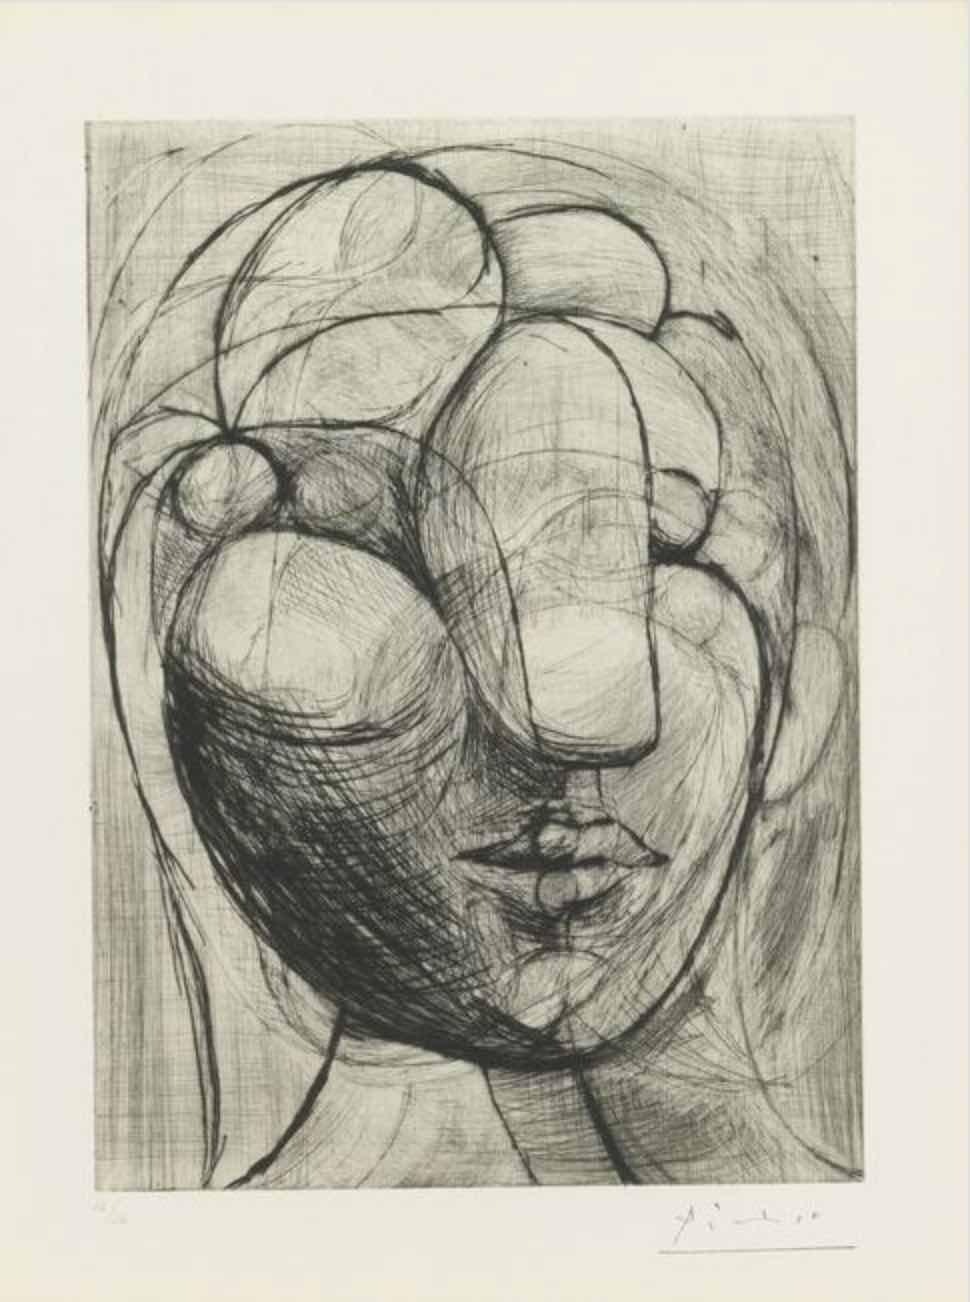 Tête de Marie-Thérèse by Picasso